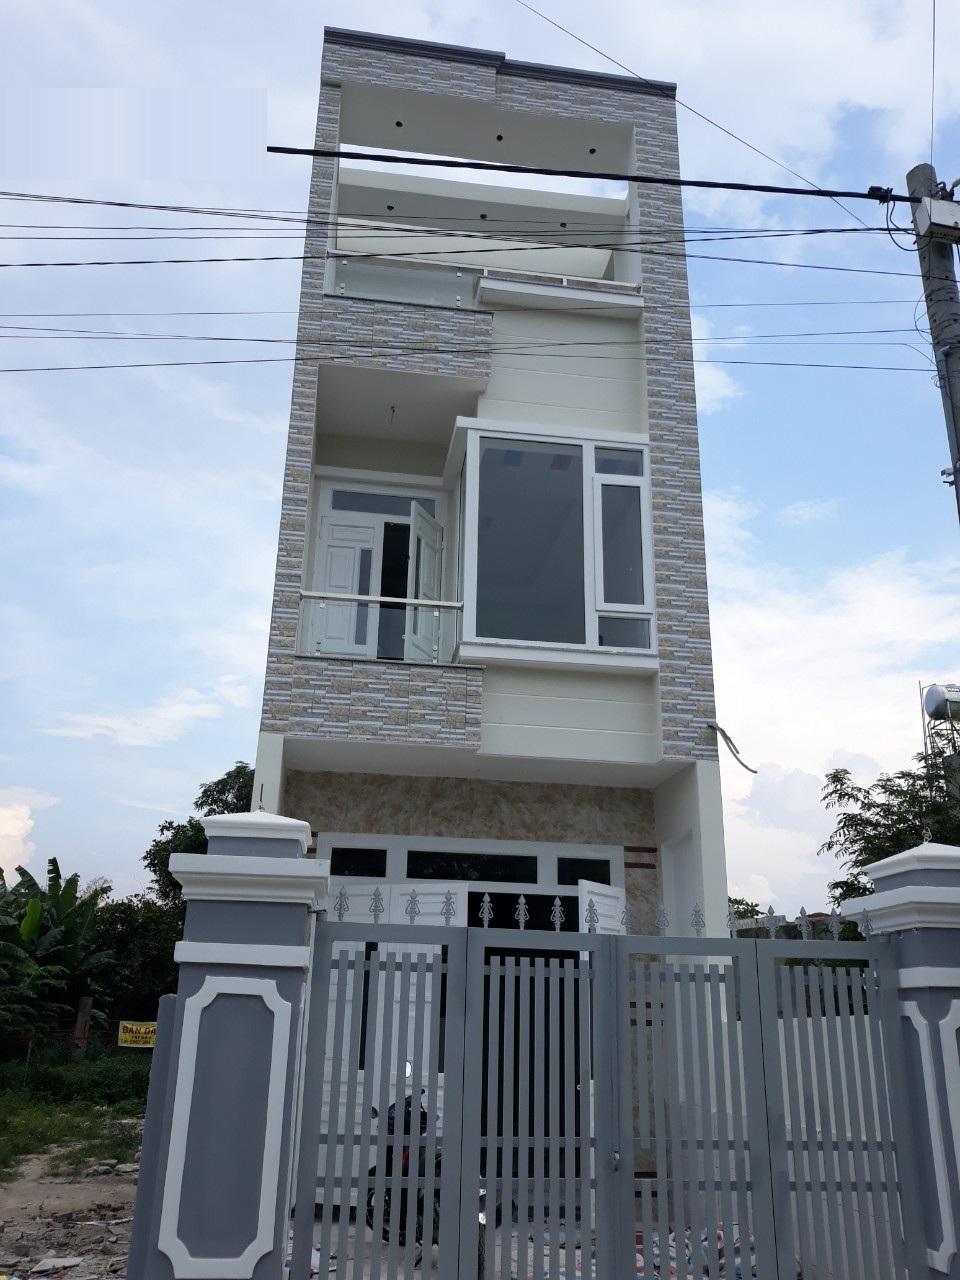 bán nhà 2 lầu 1 trệt, đường Đặng Văn Mây, Tân Đông Hiệp, Dĩ An, Bình Dương, 100m2